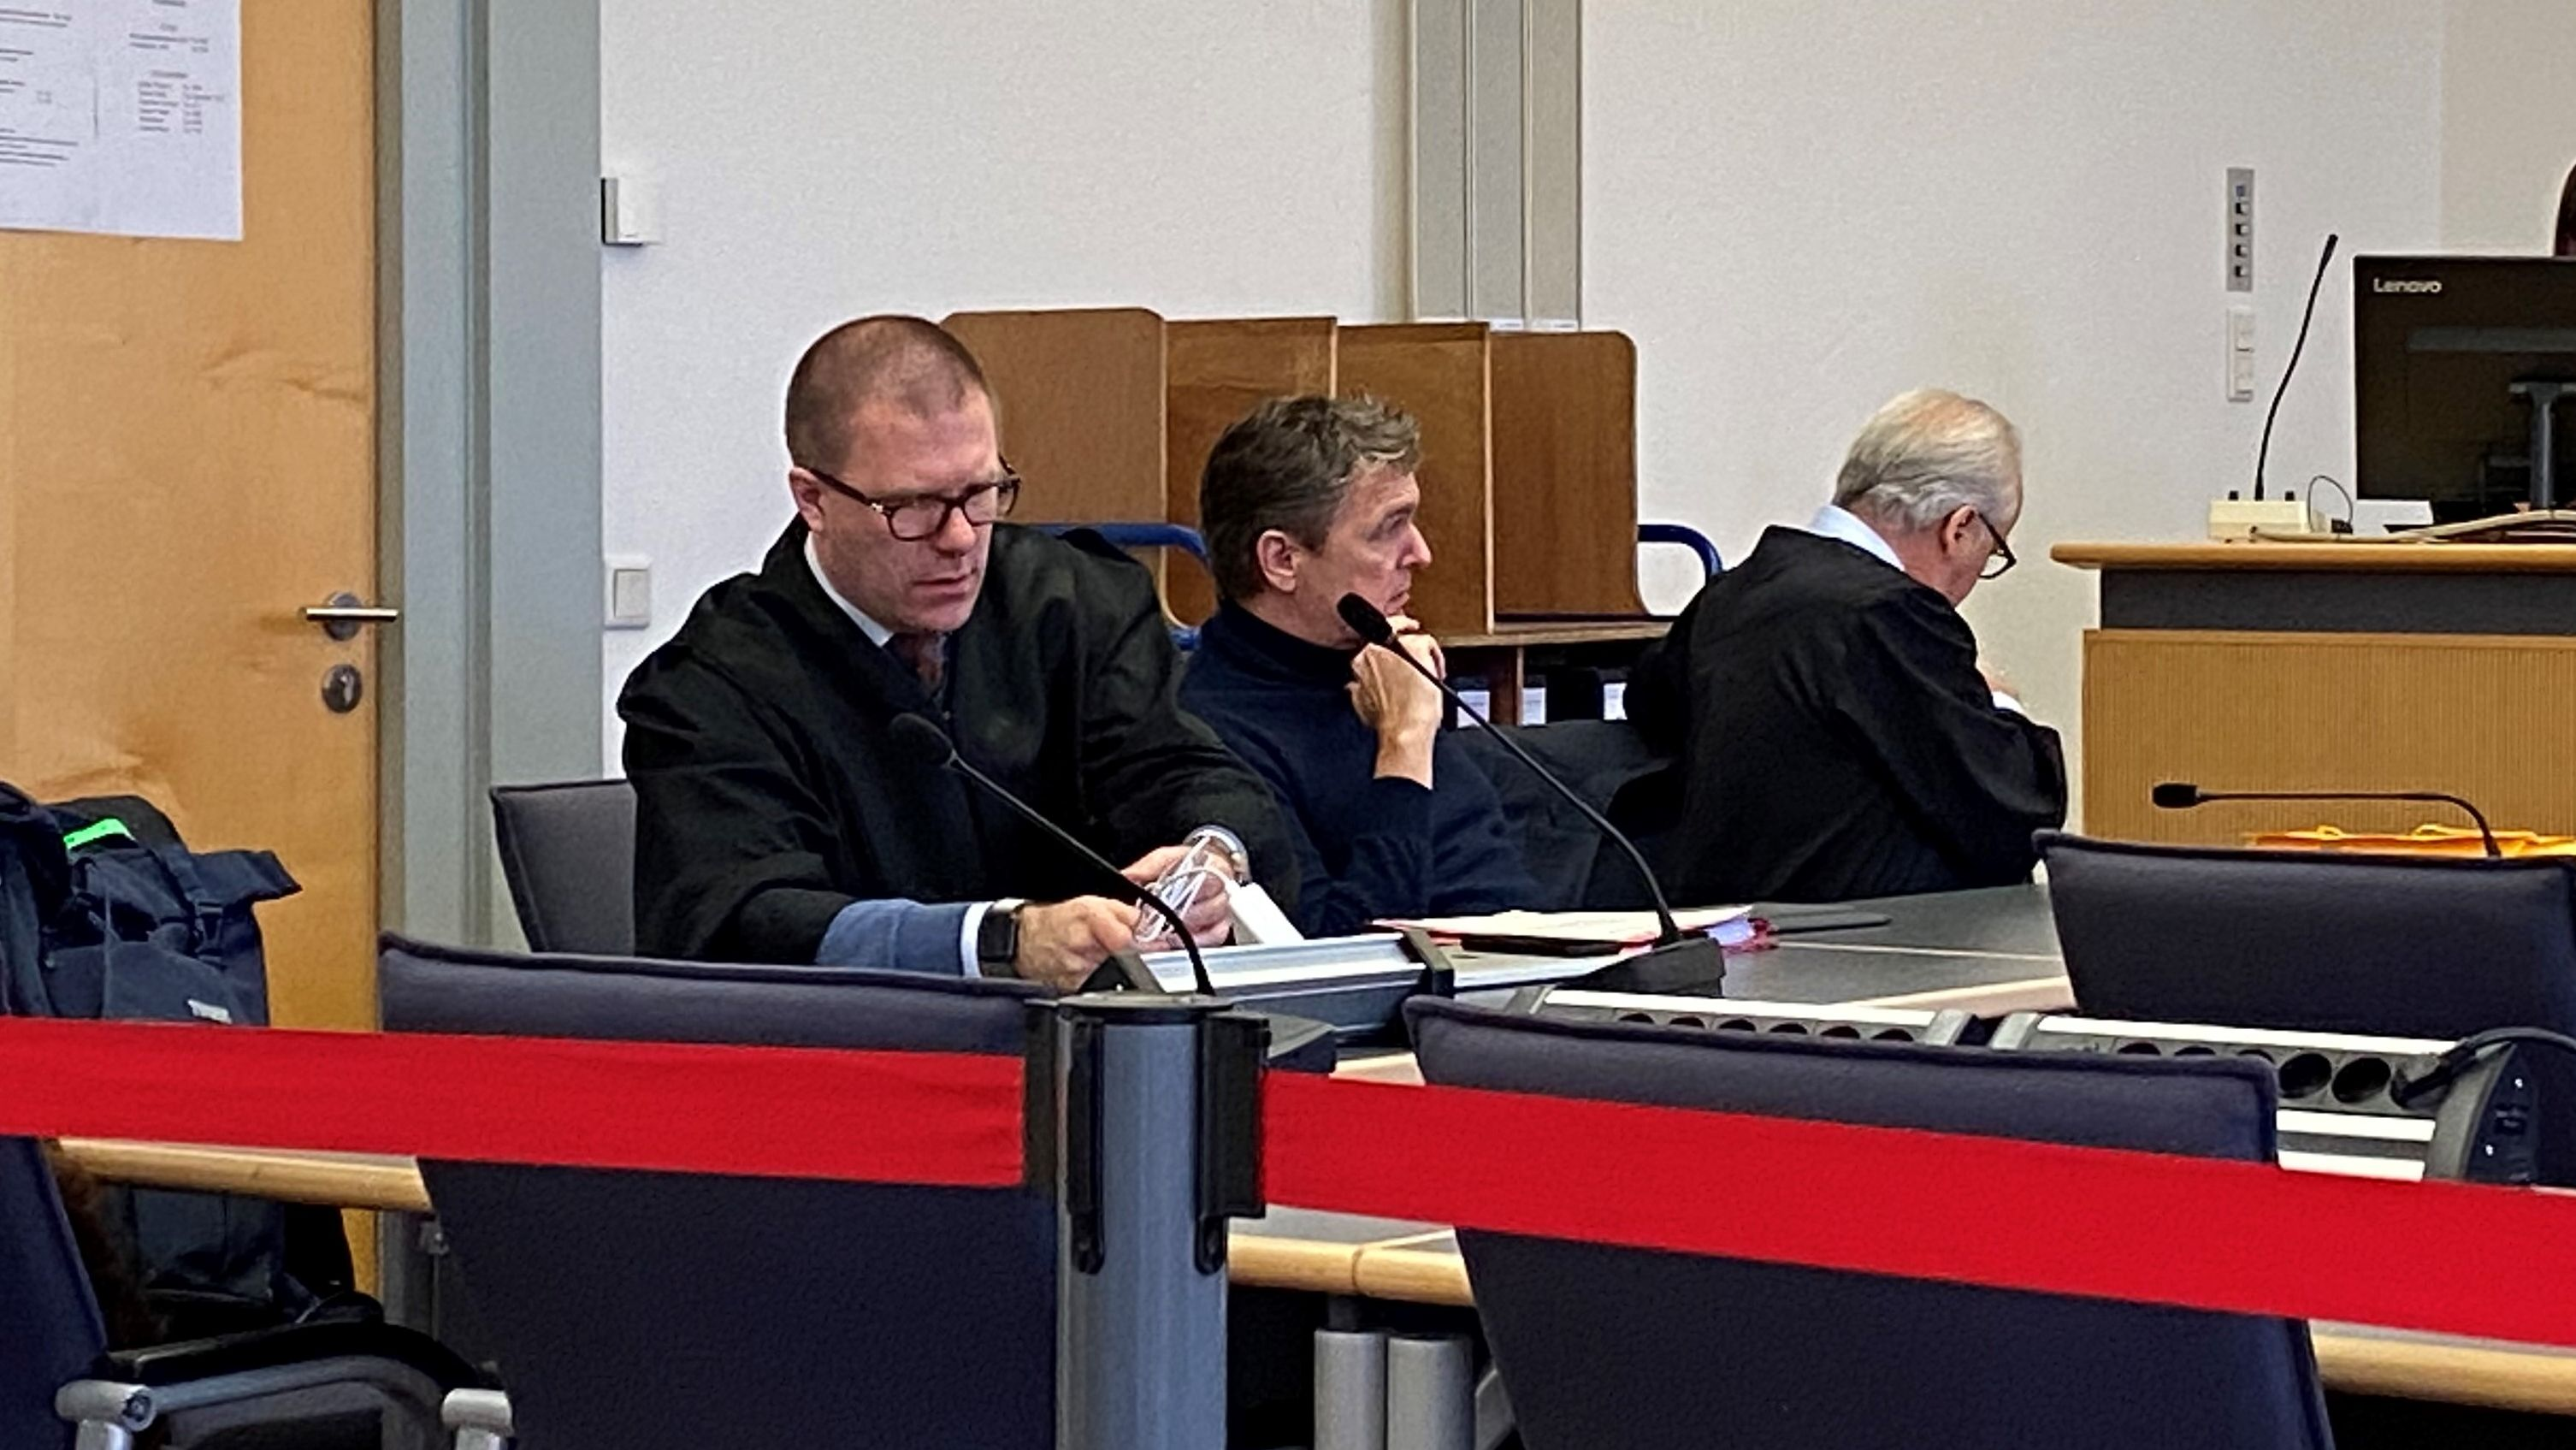 Der angeklagte Ex-Bayern-Ei-Chef Stefan Pohlmann mit seinen Anwälten im Gerichtssaal.